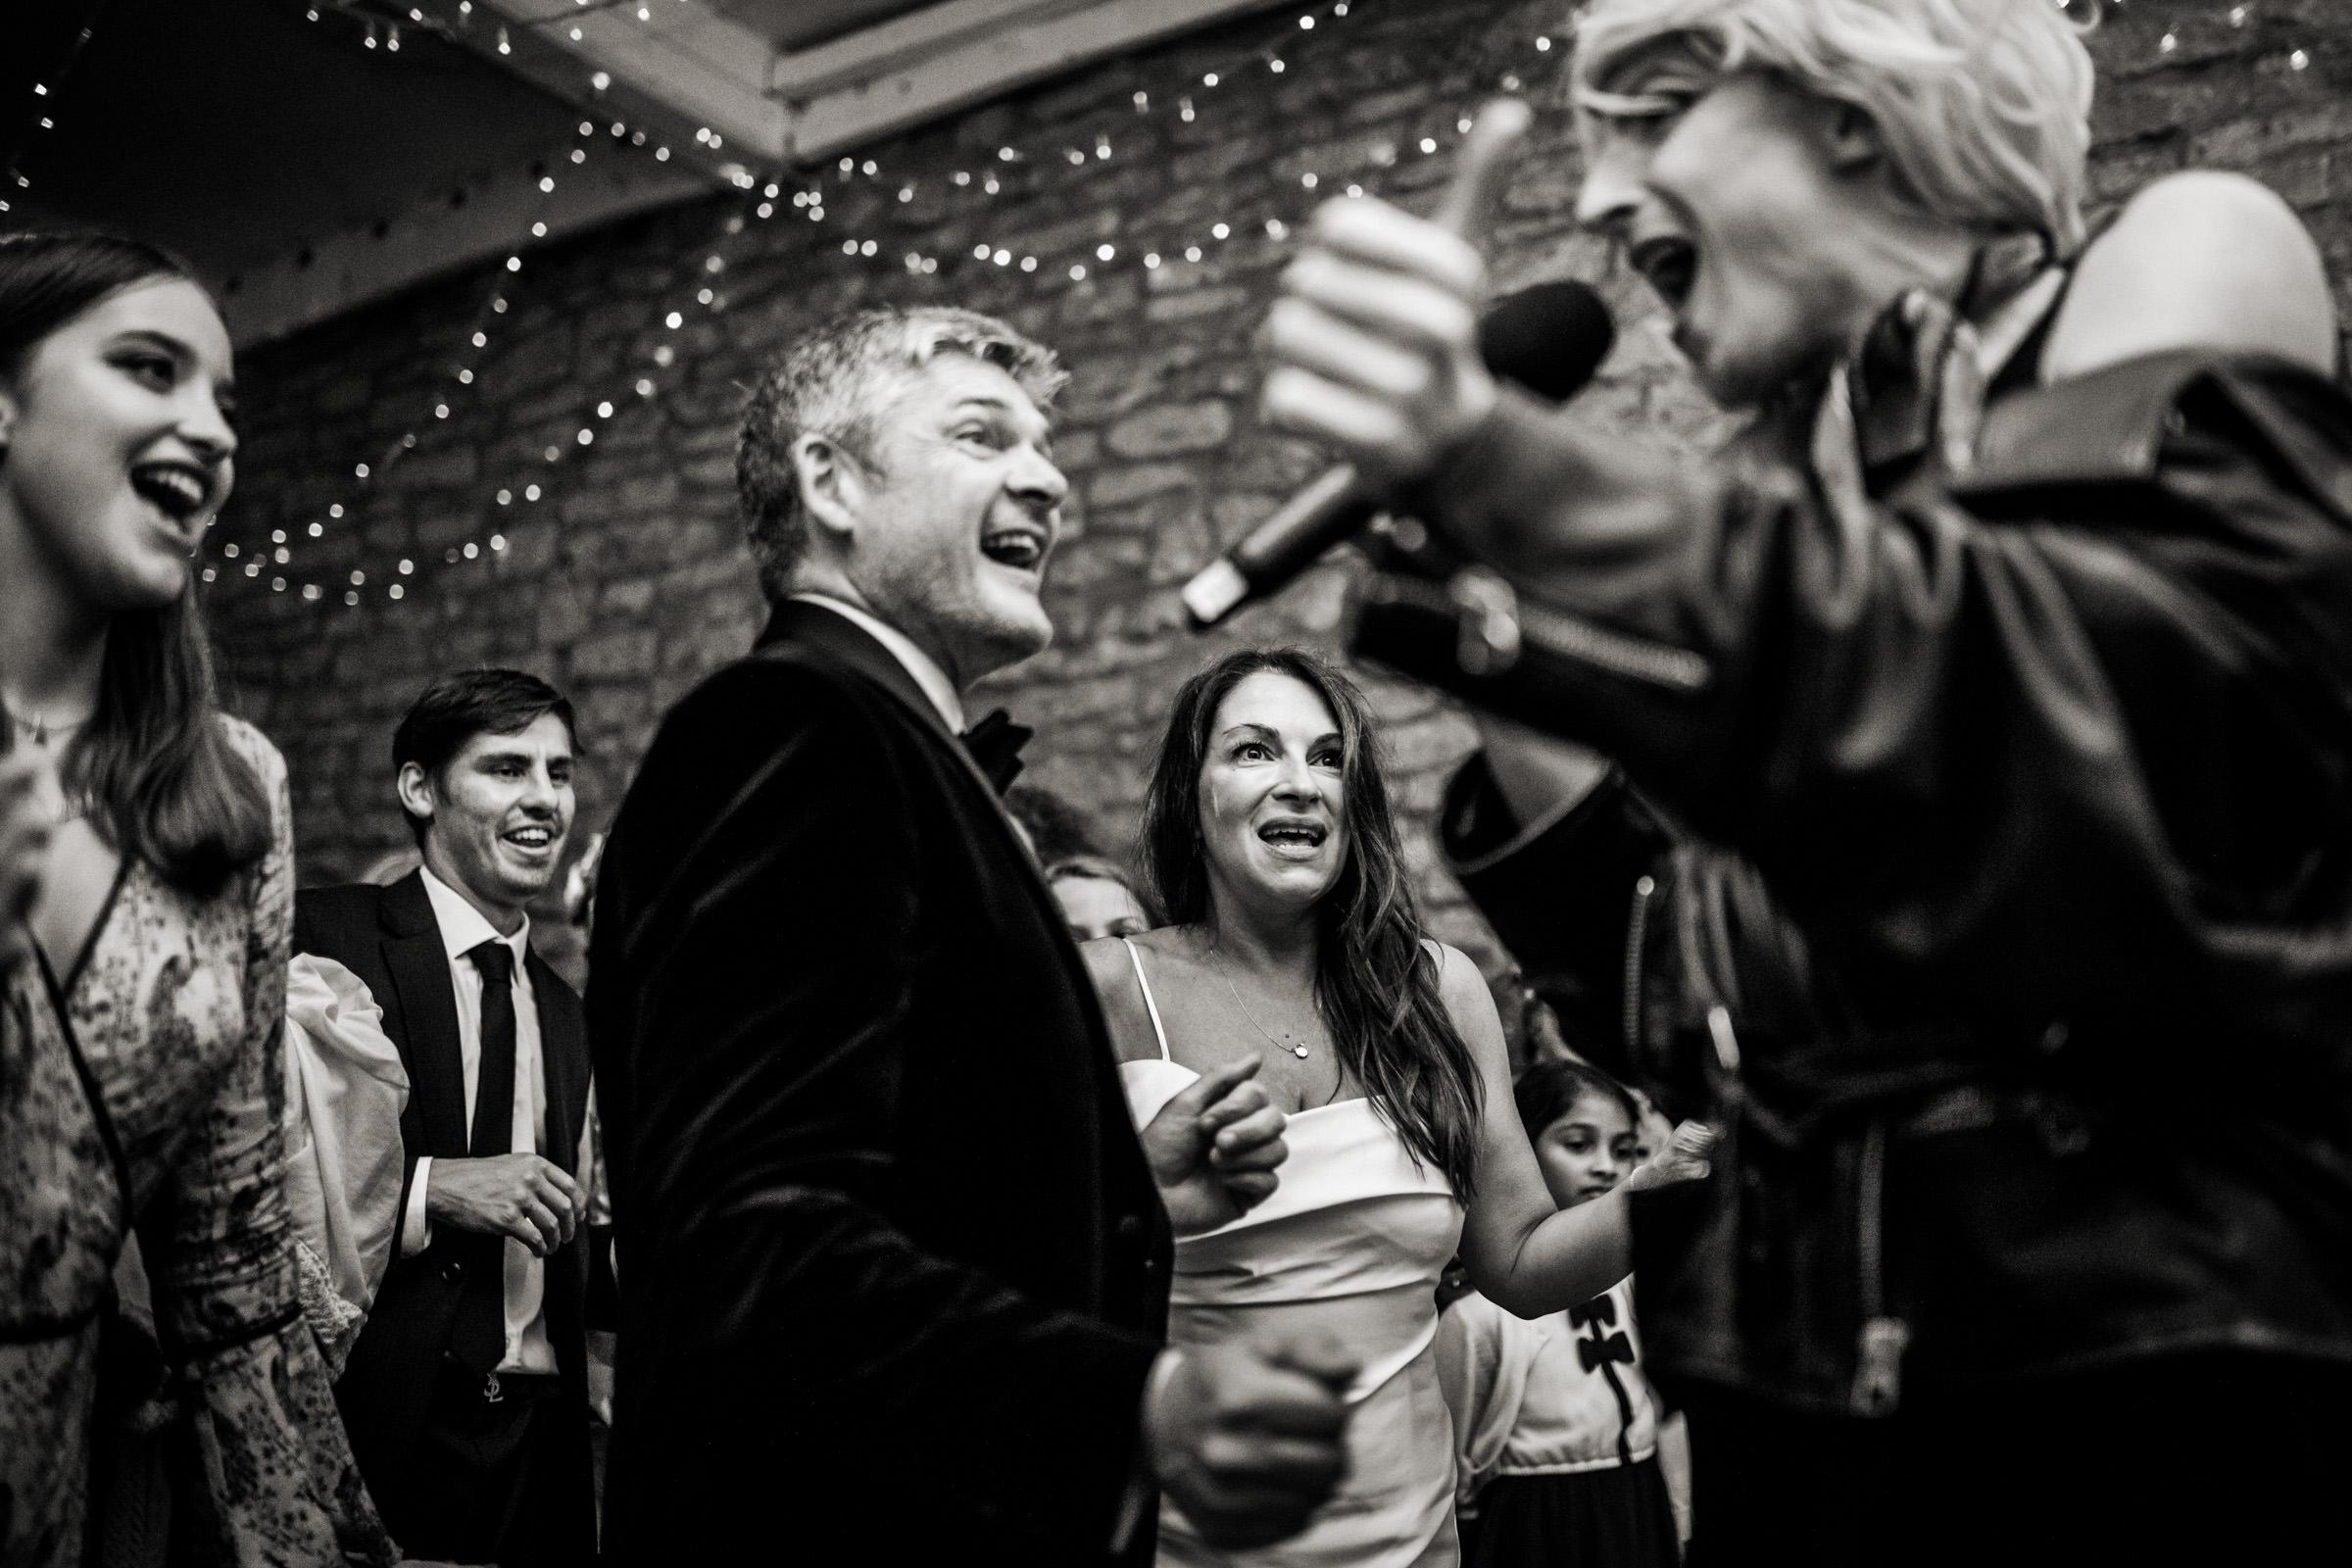 在圣安妮·埃普豪斯的公寓里,在婚礼上的照片